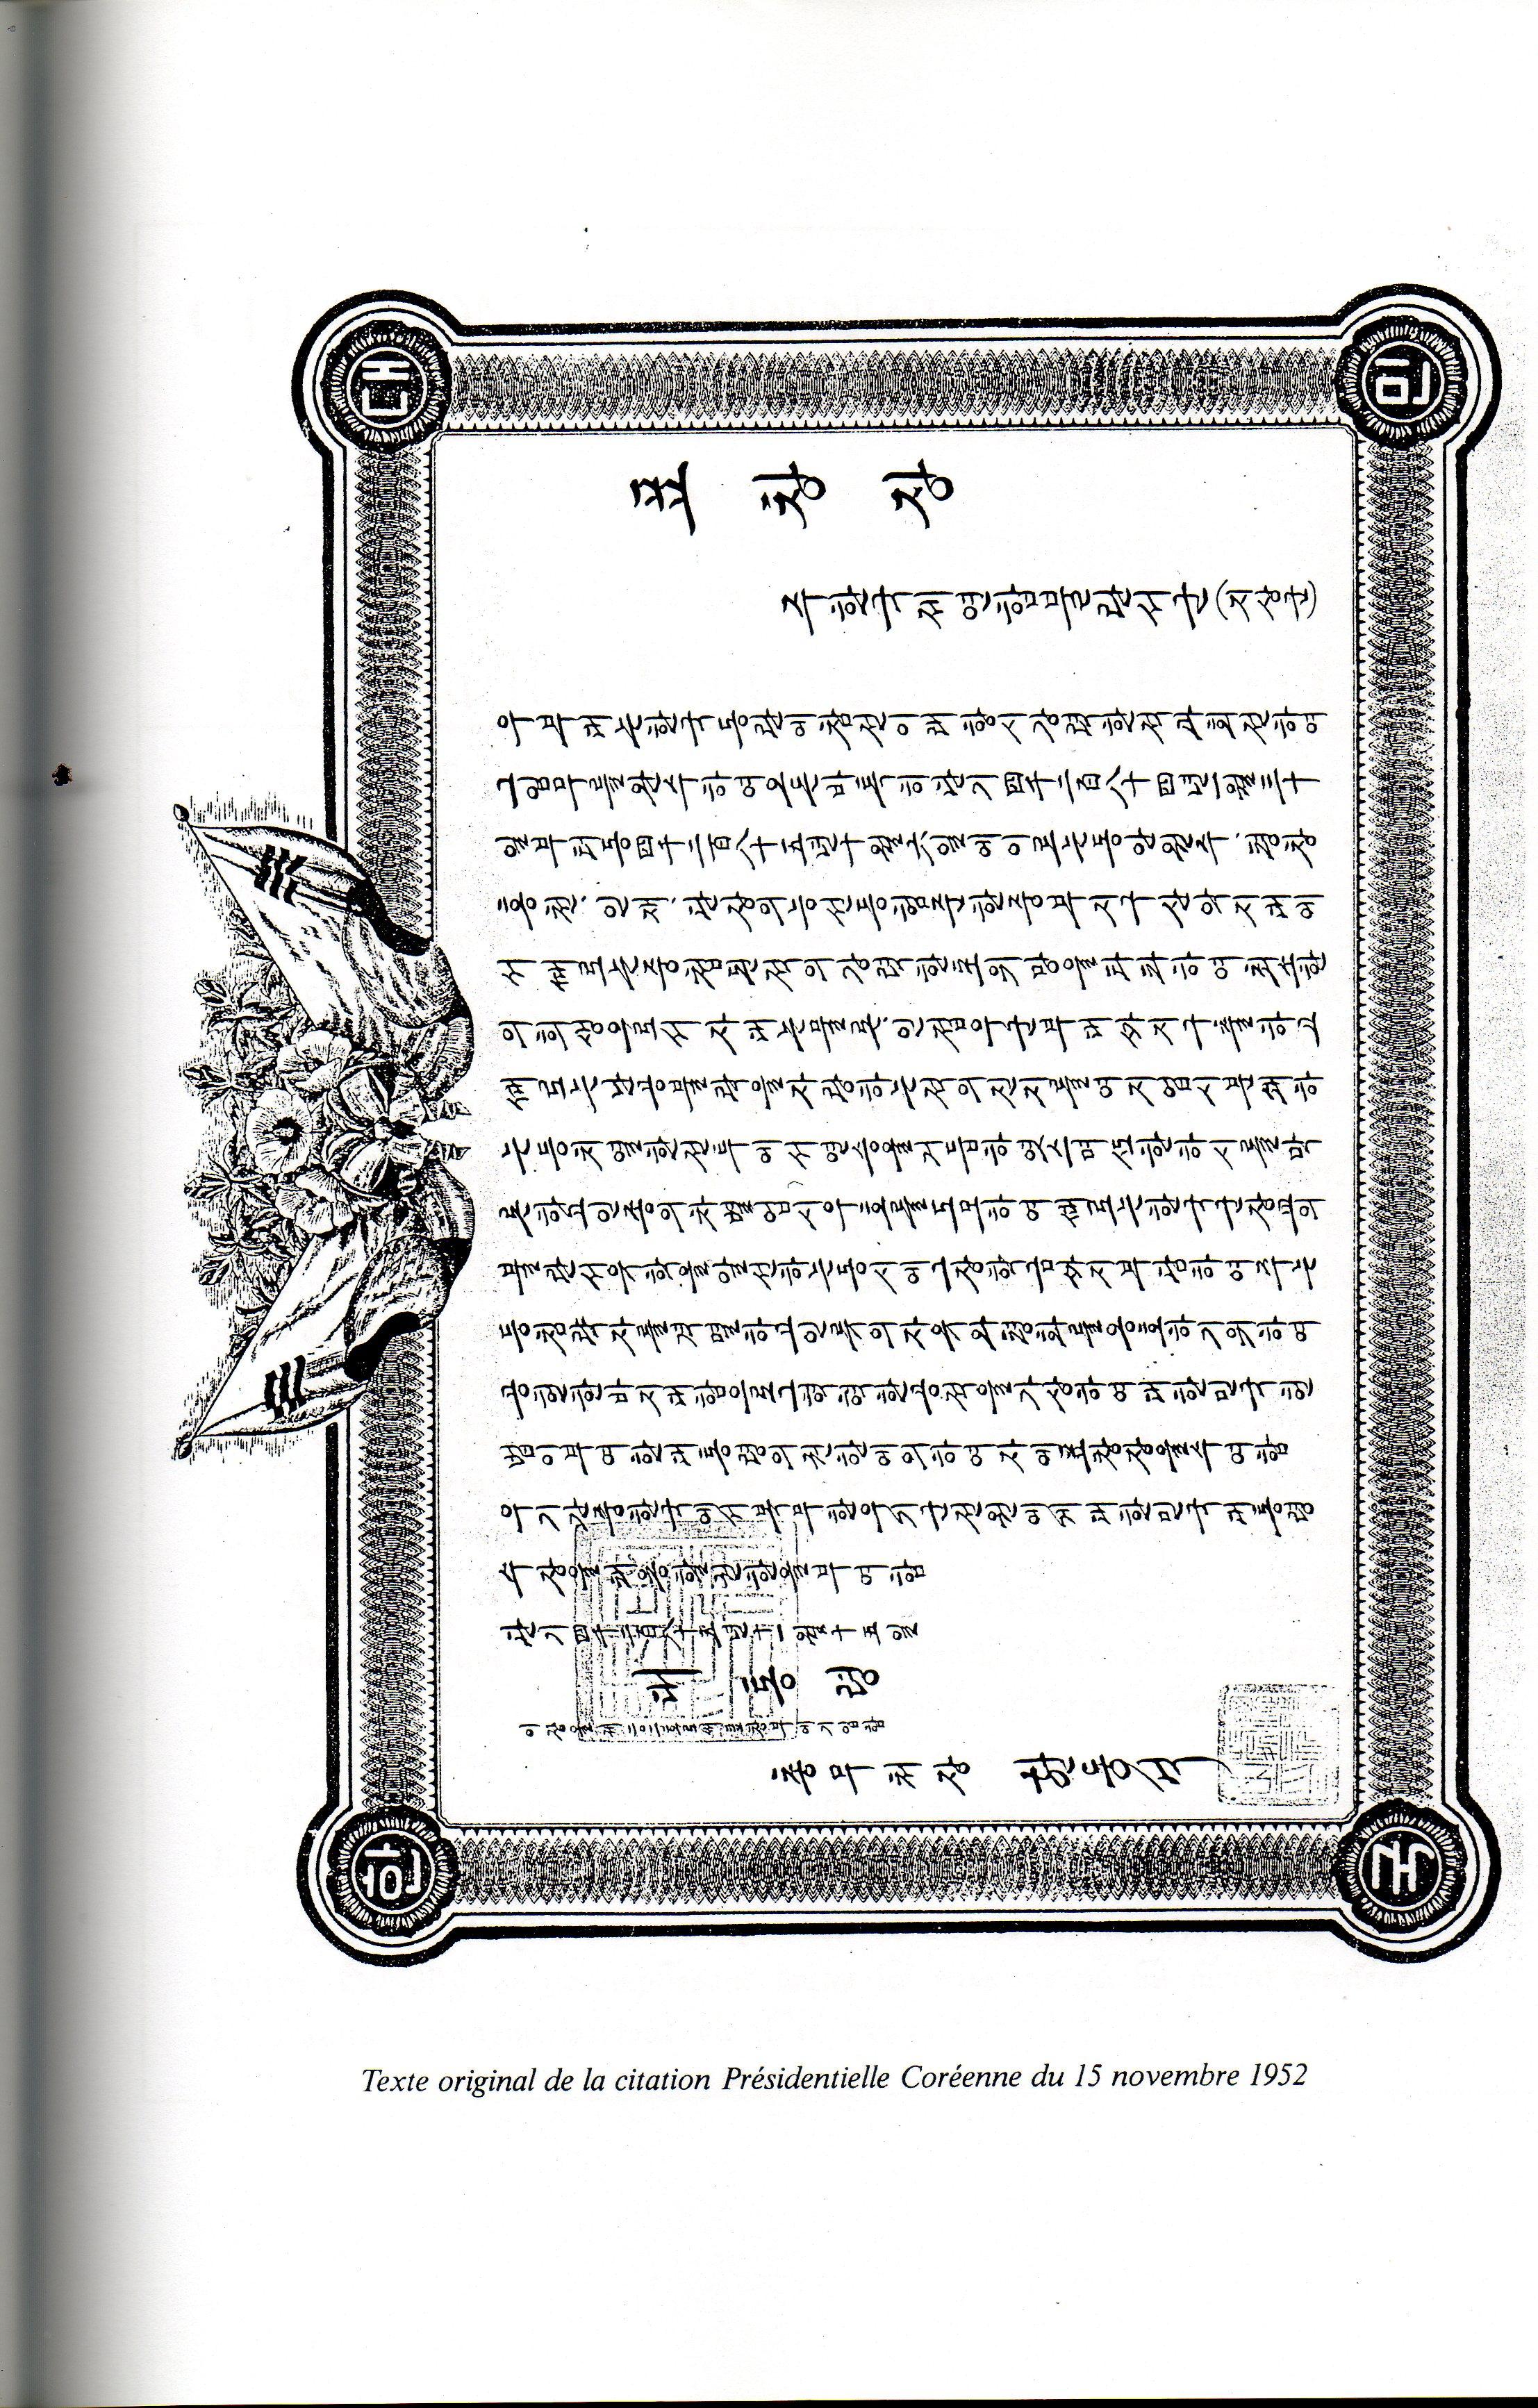 [OPÉRATIONS DE GUERRE] GUERRE DE CORÉE - TOME 2 - Page 4 670723482